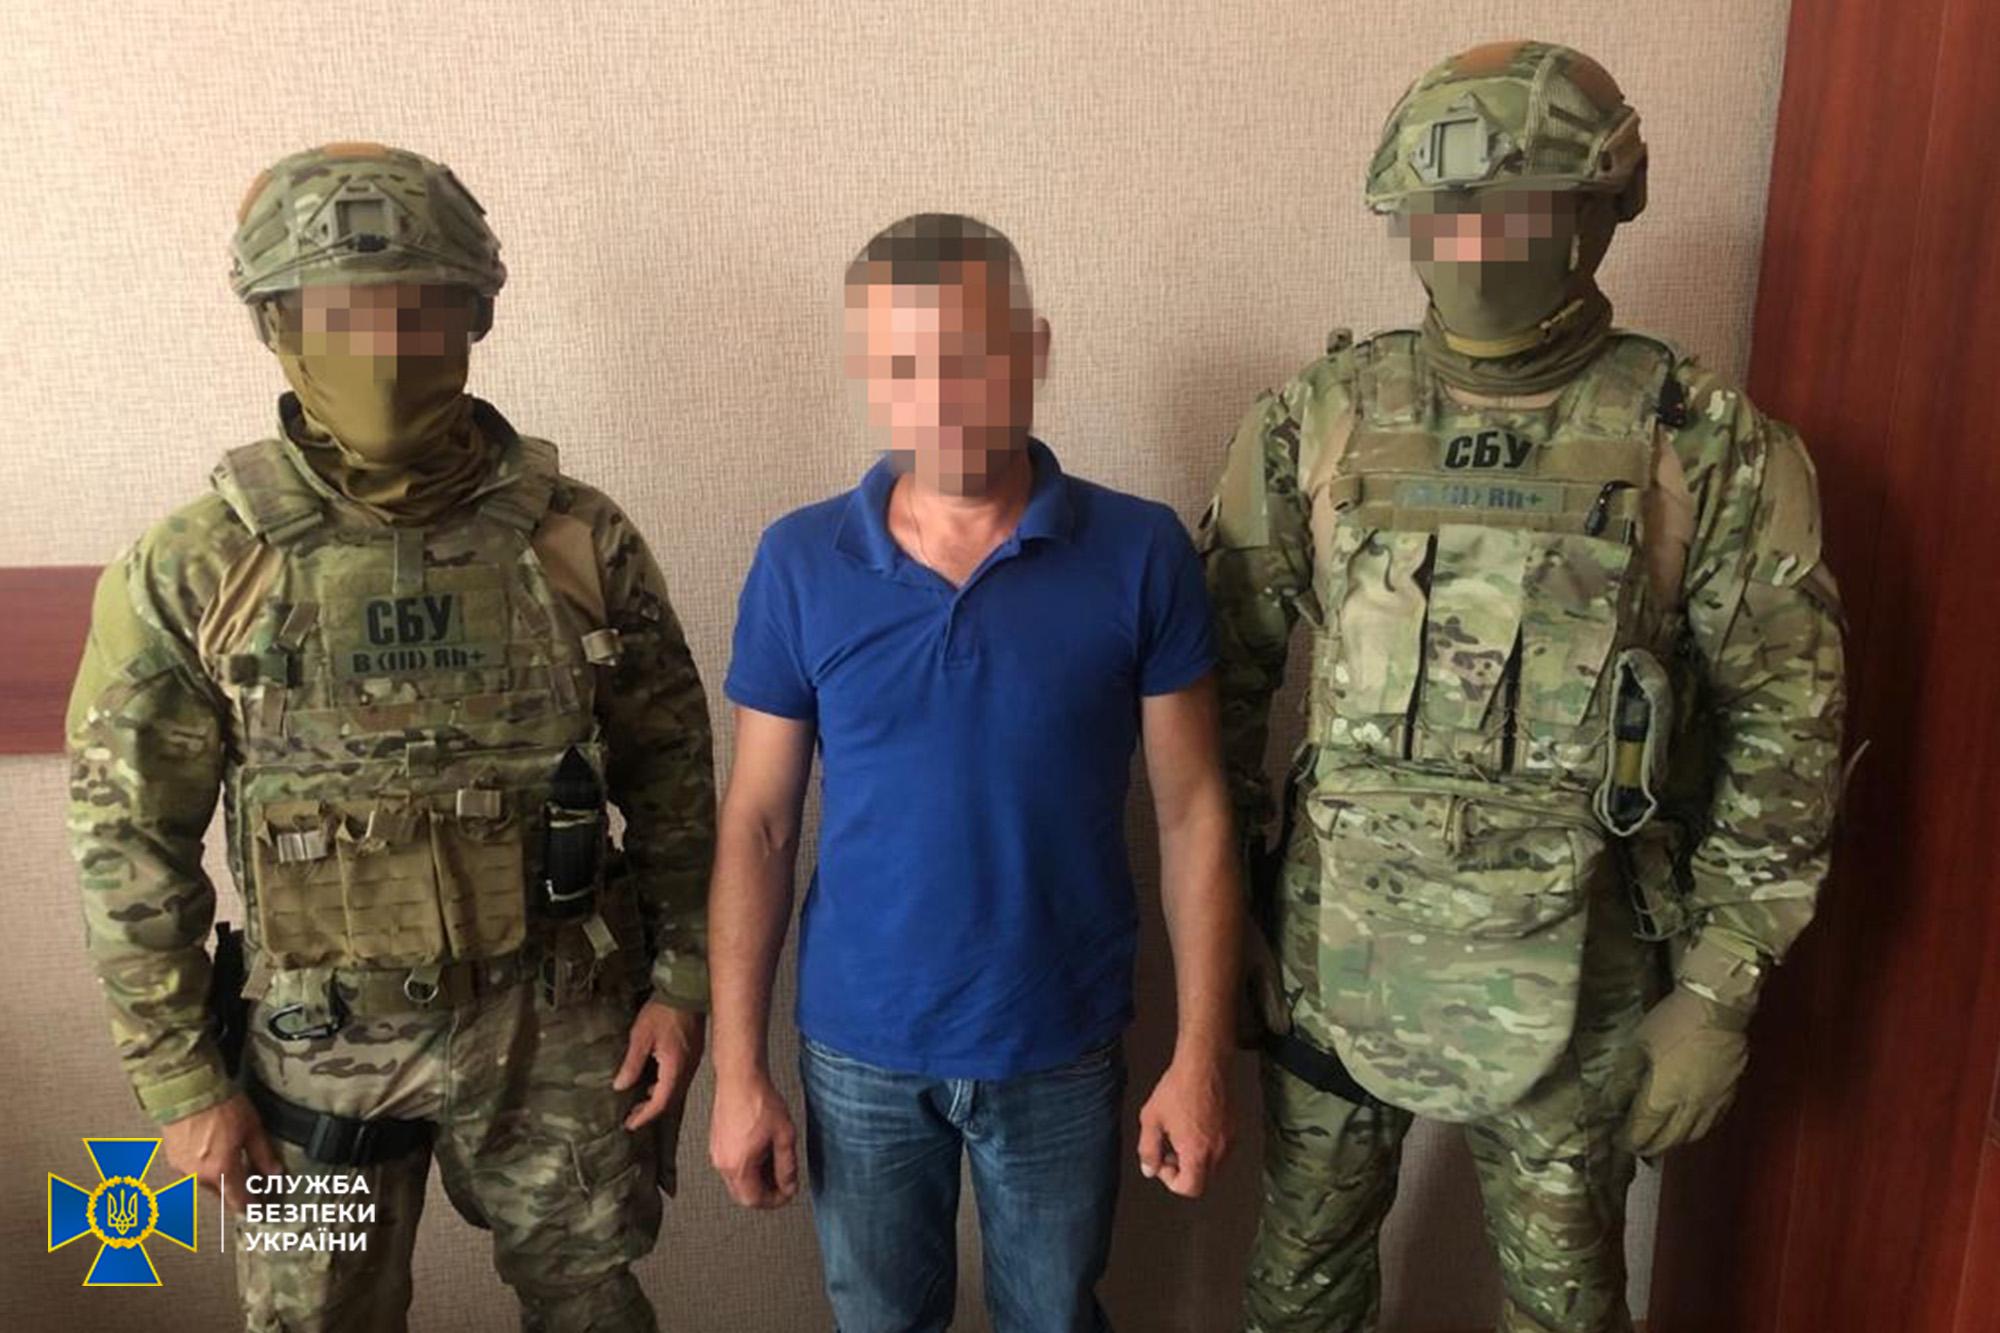 Контррозвідники СБУ затримали чоловіка, який прибув у Київську область для легалізації як внутрішній переселенець / фото СБУ